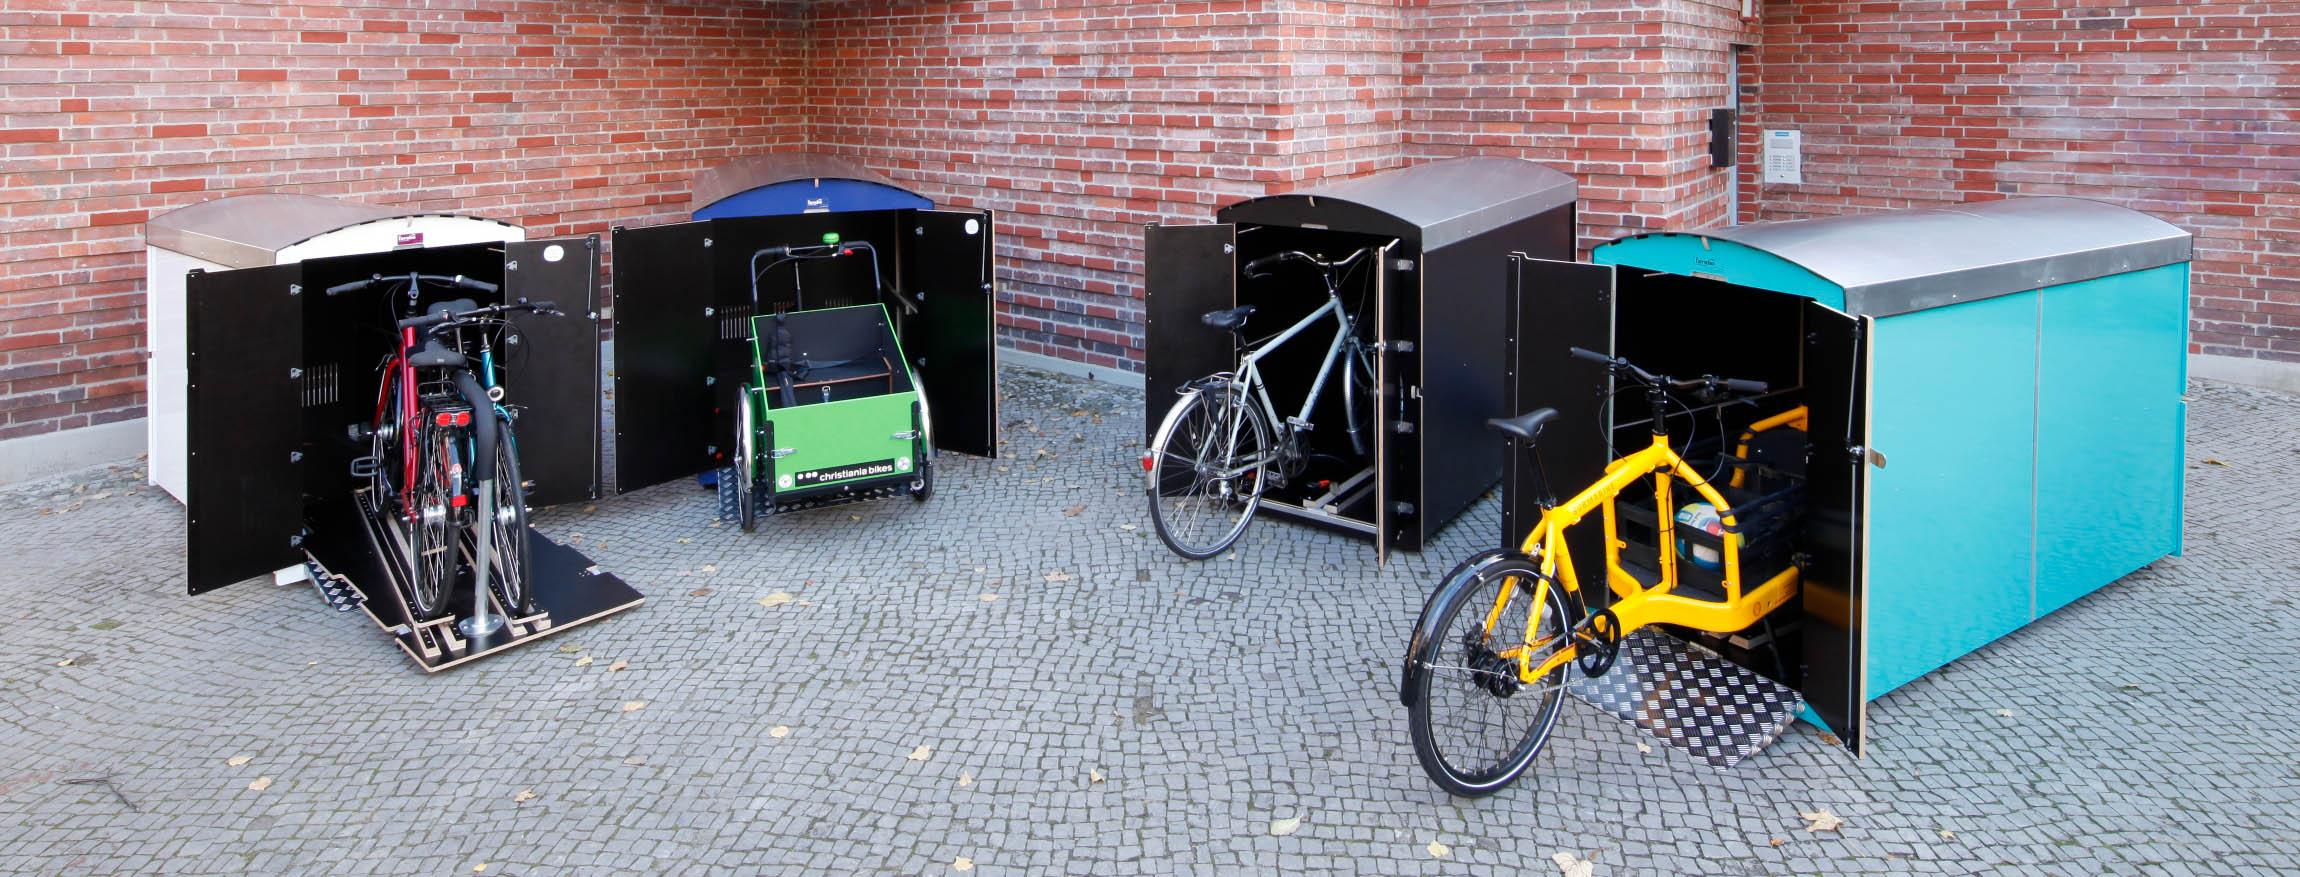 Die Fahrradbox, die Rollatorbox und Kinderwagenbox in einer Reihe